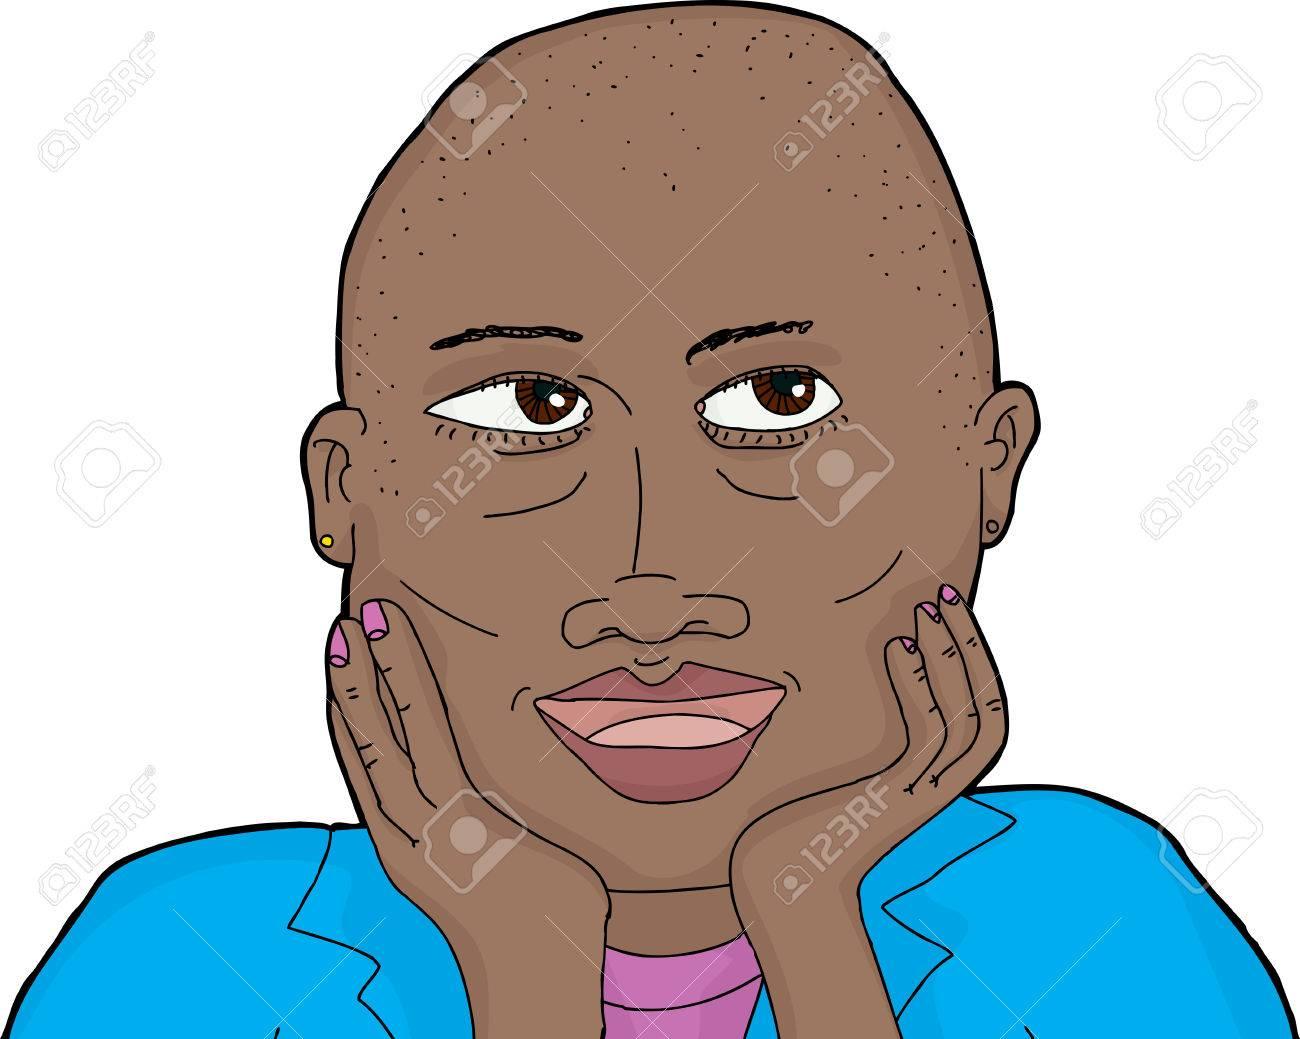 剃られた頭部およびあごに手を持つ女性のイラストのイラスト素材ベクタ